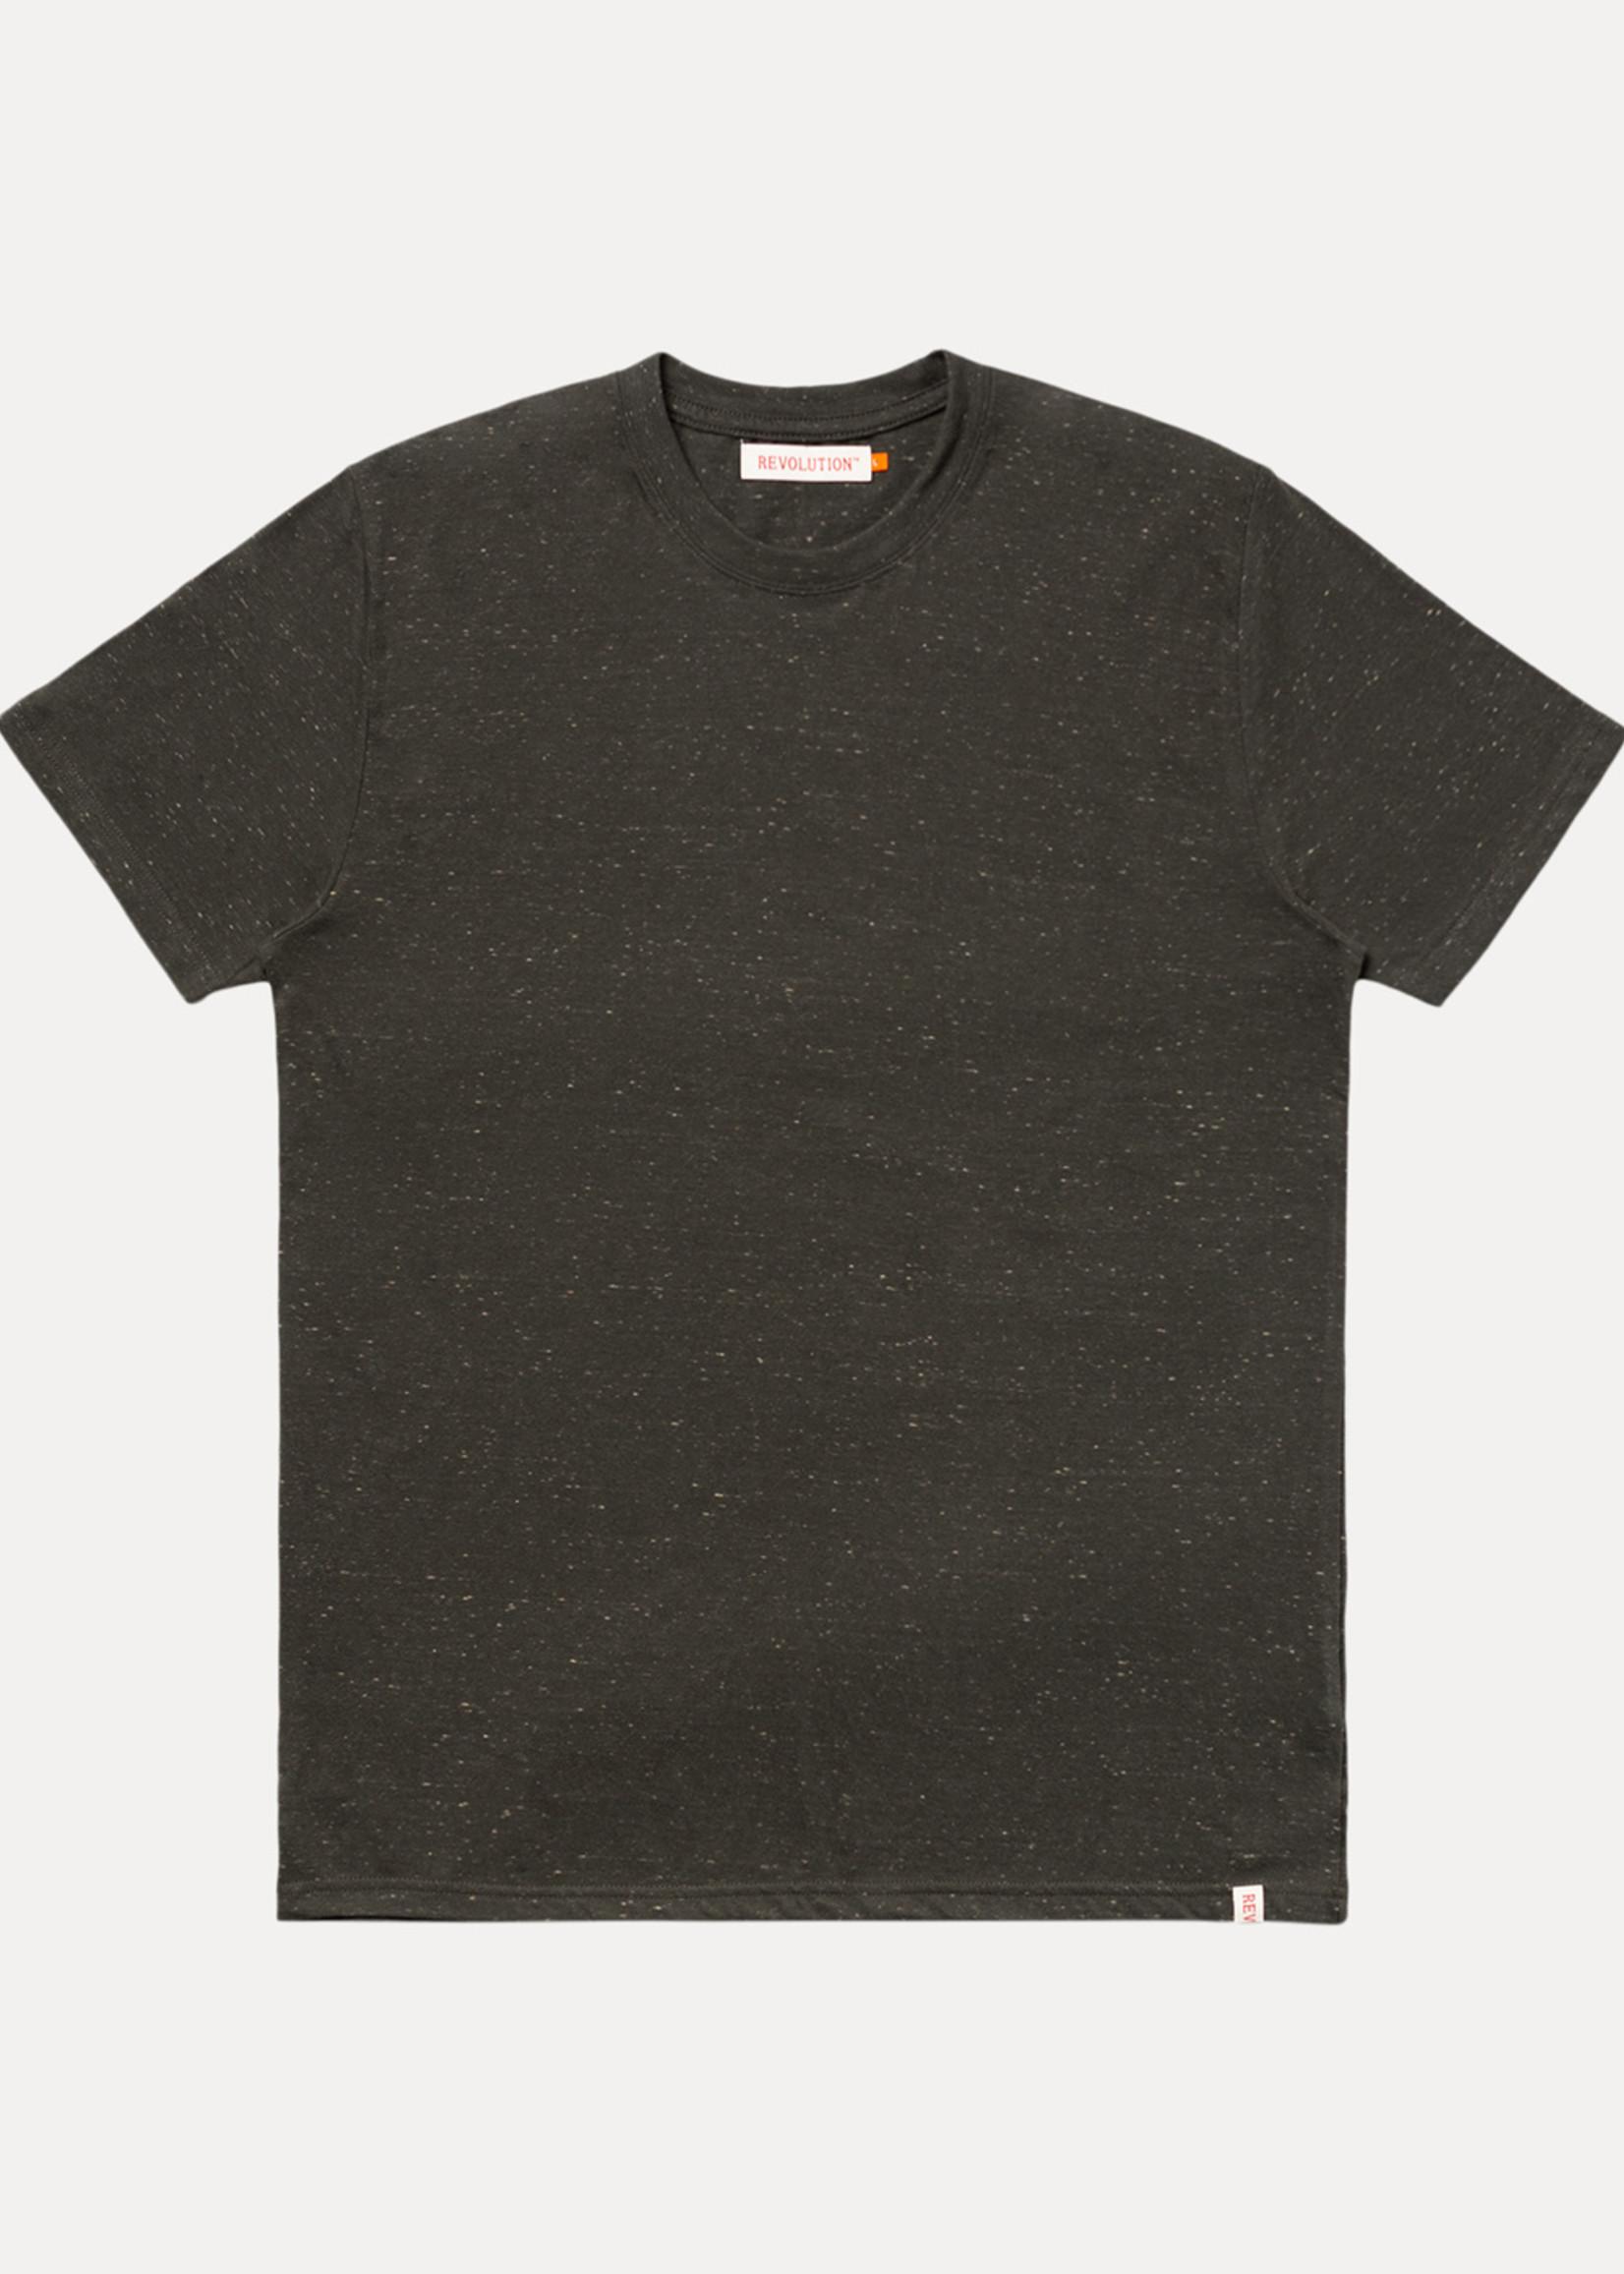 Revolution 1204 Structured T-Shirt